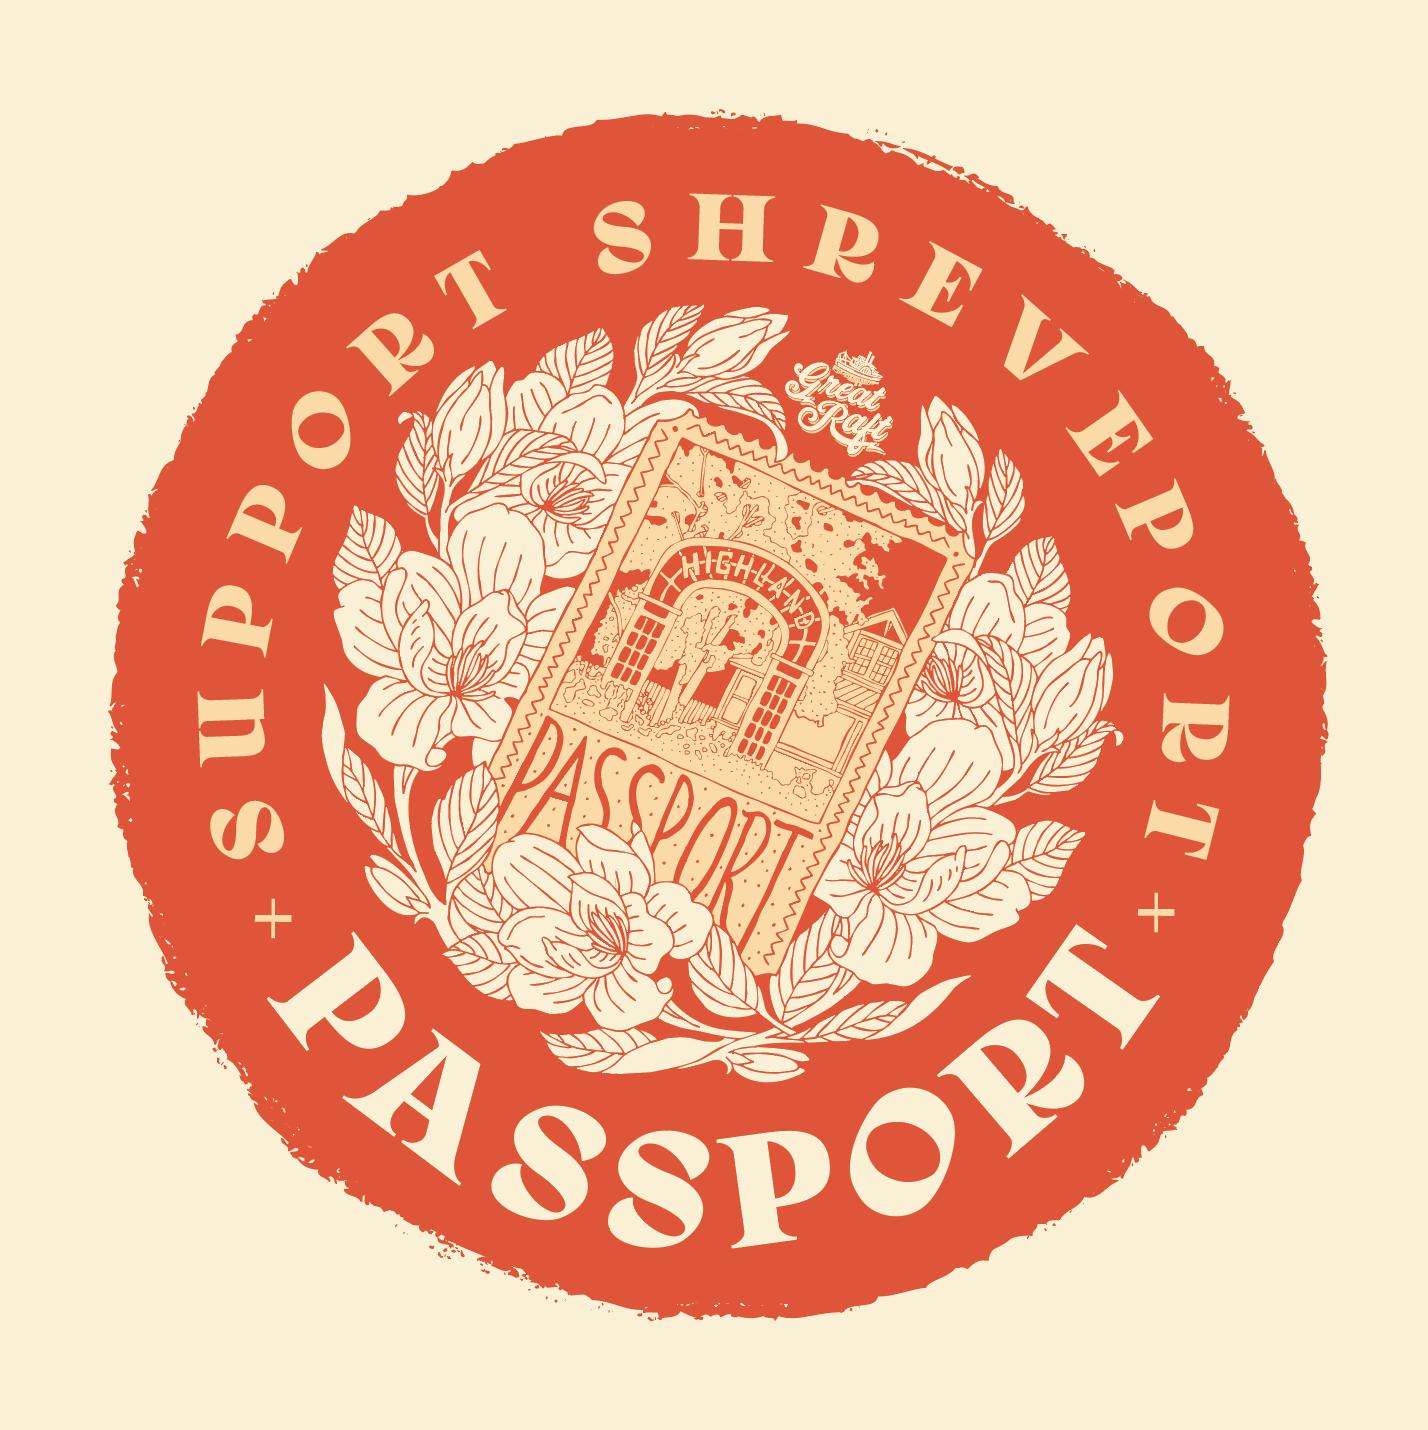 support shreveport passport stamp